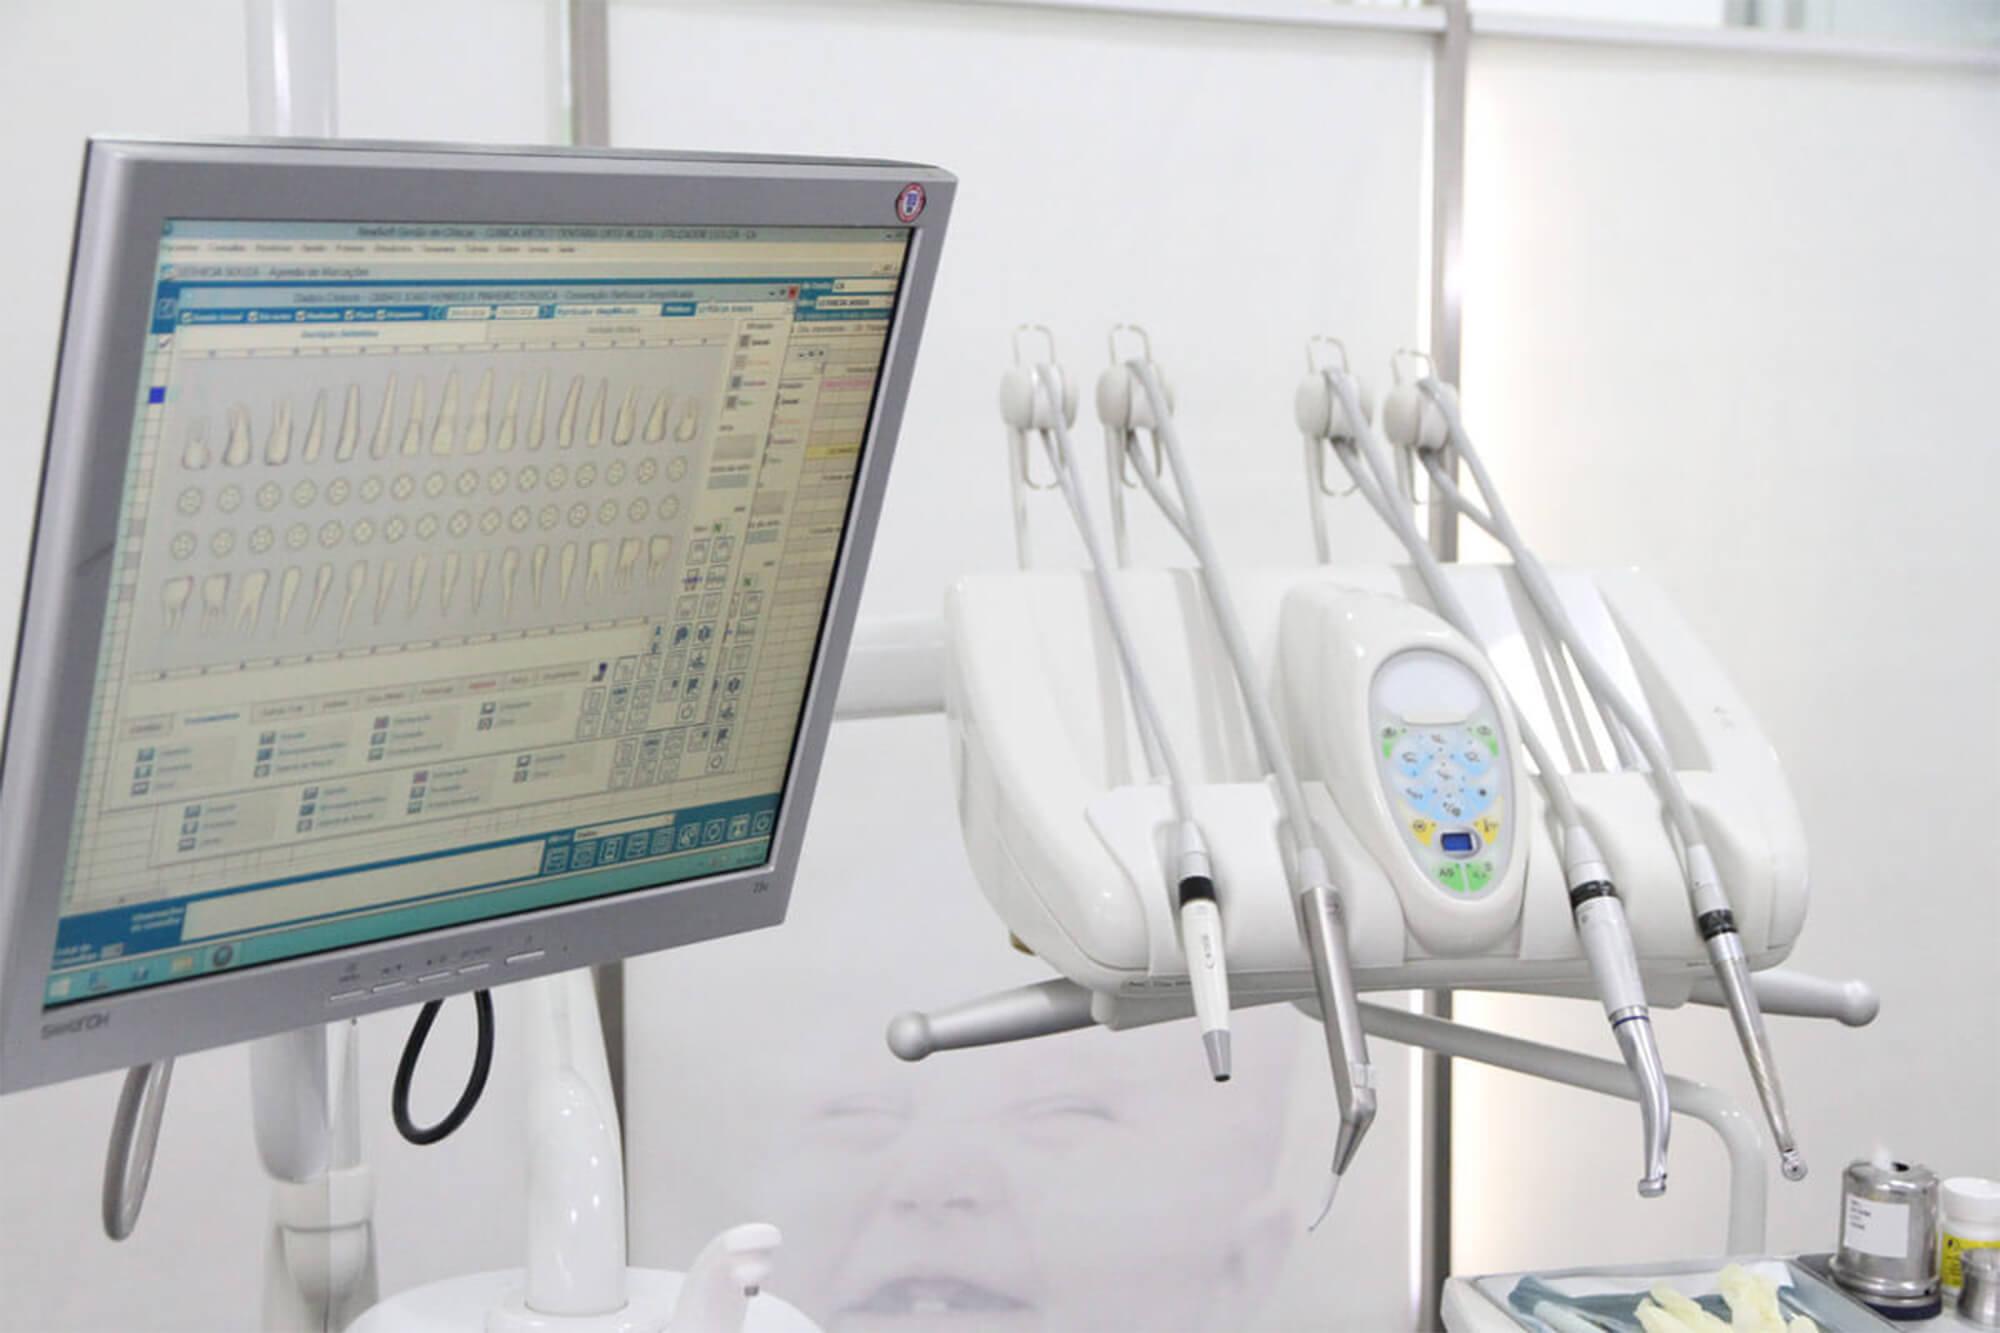 clinica-canidelo-orto-m-24